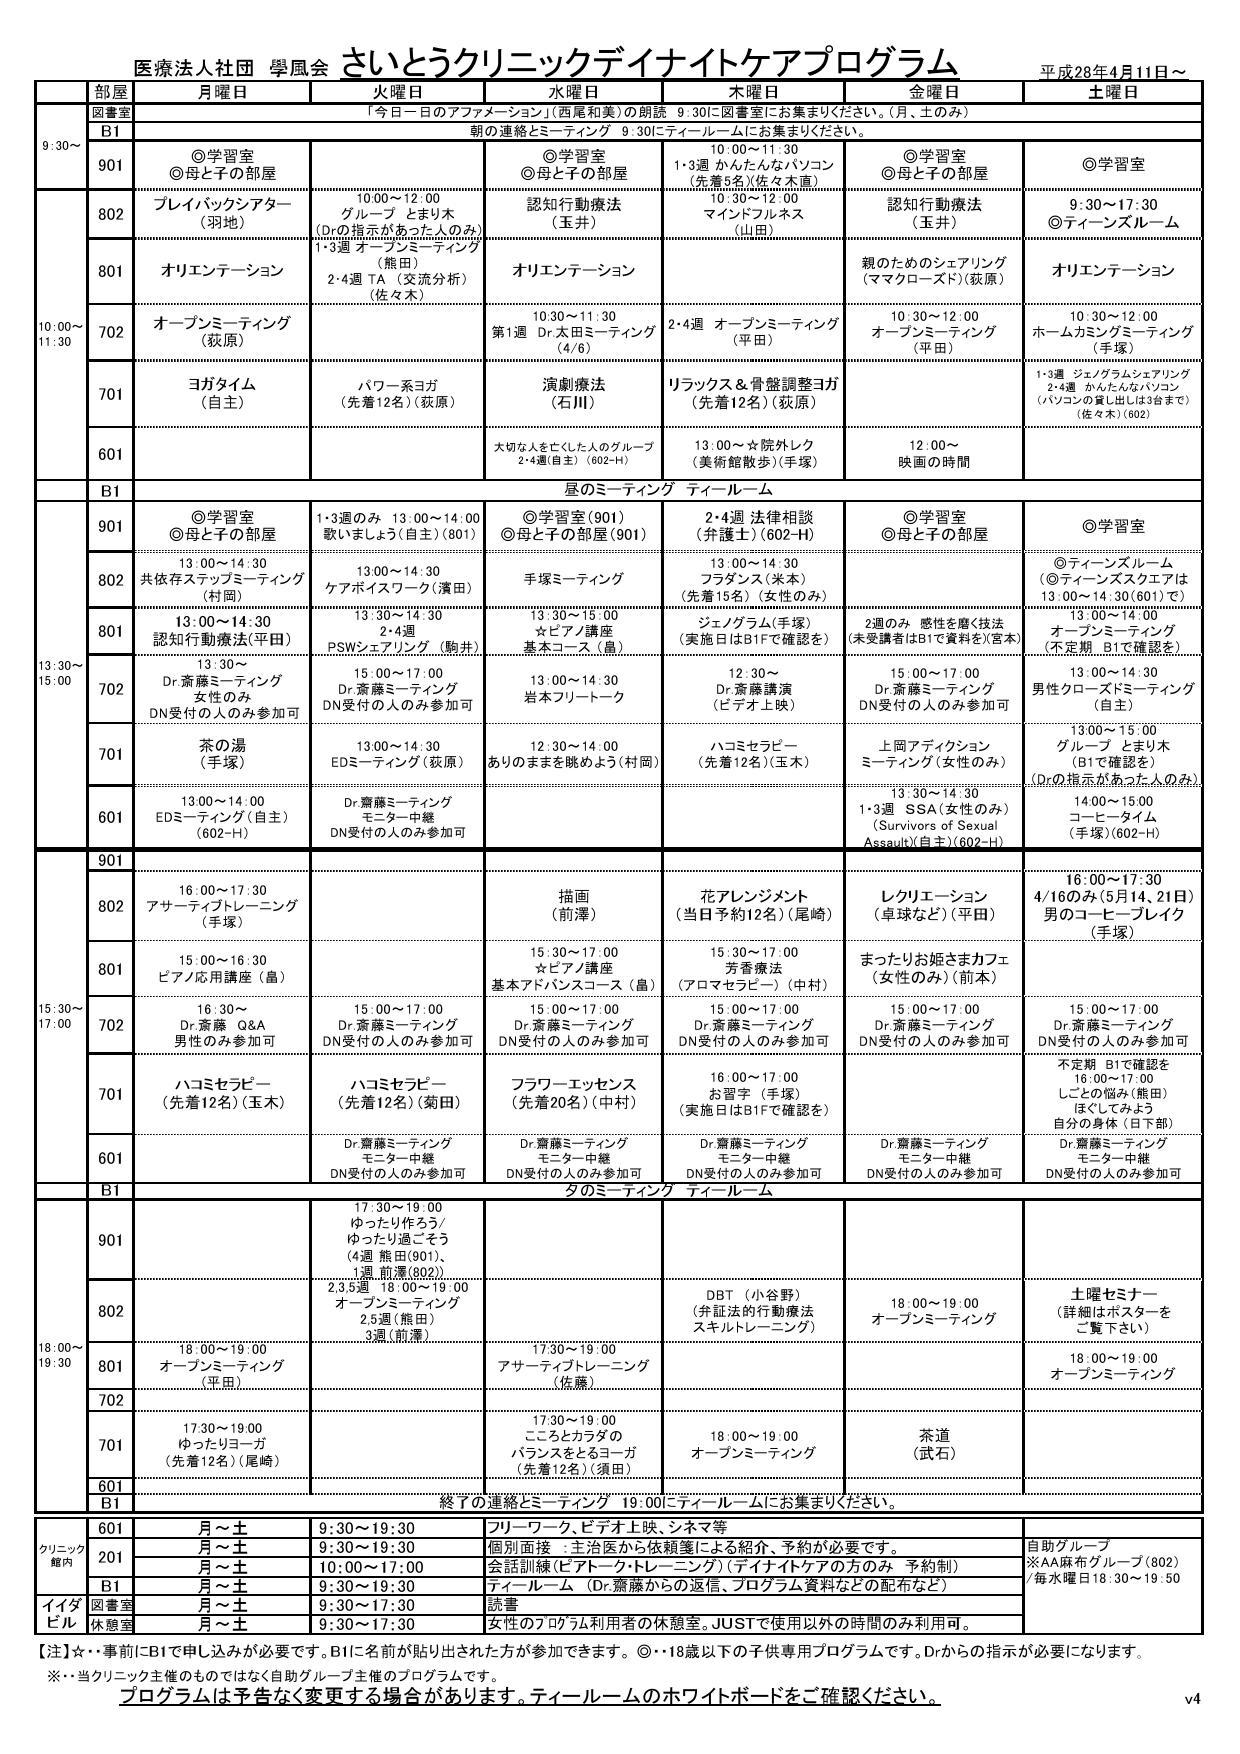 201604月プログラム進行表0001